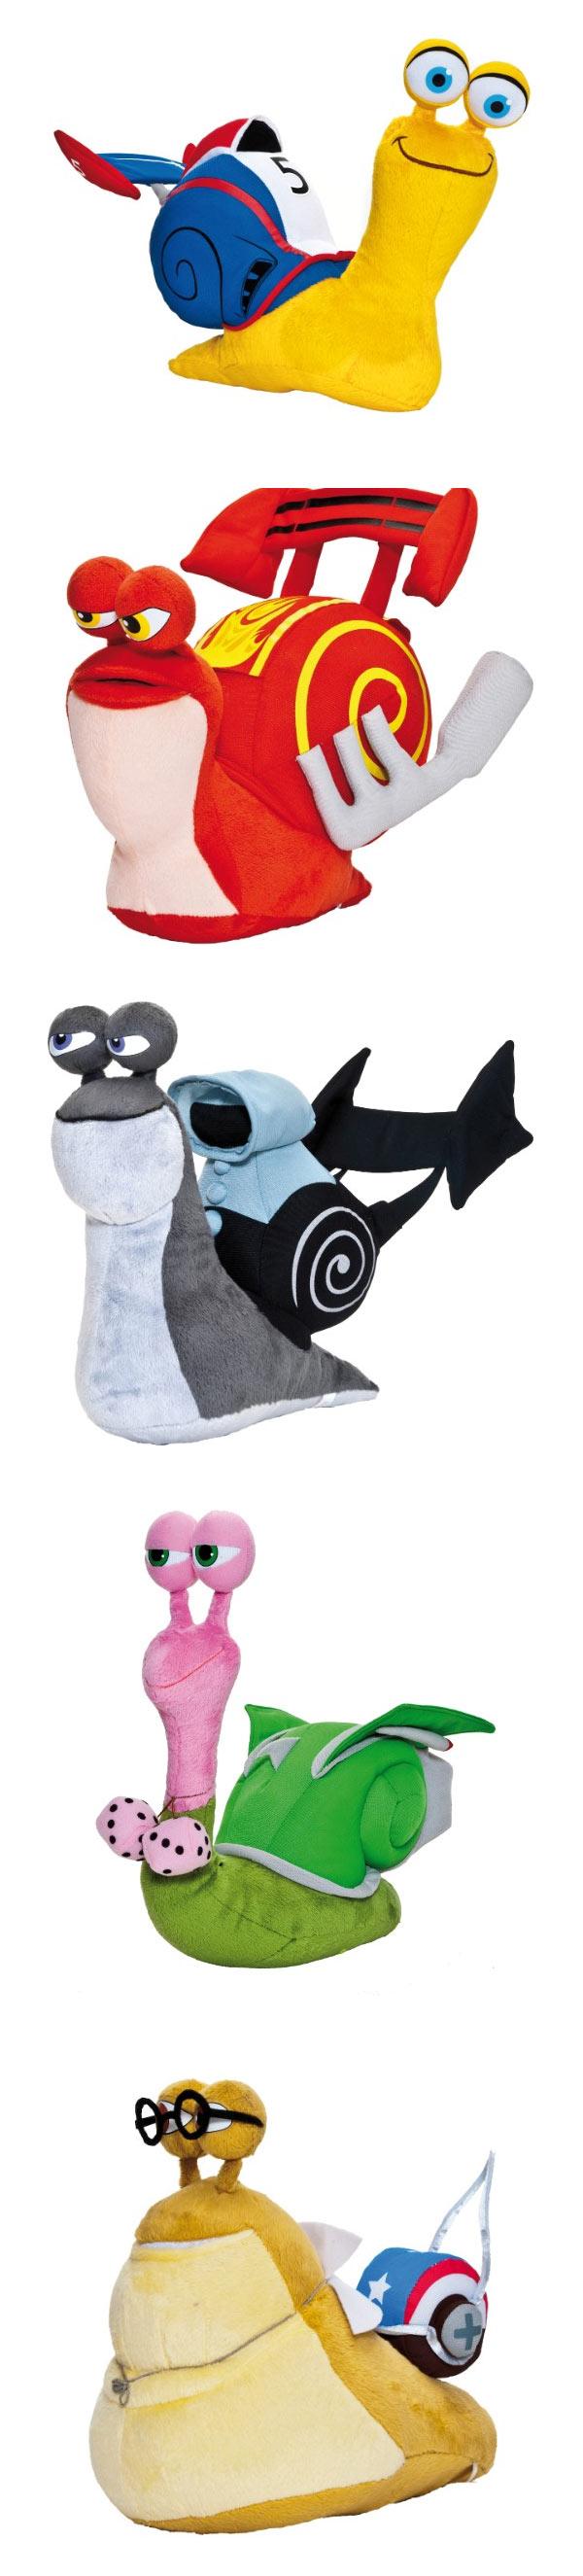 Peluches de Turbo